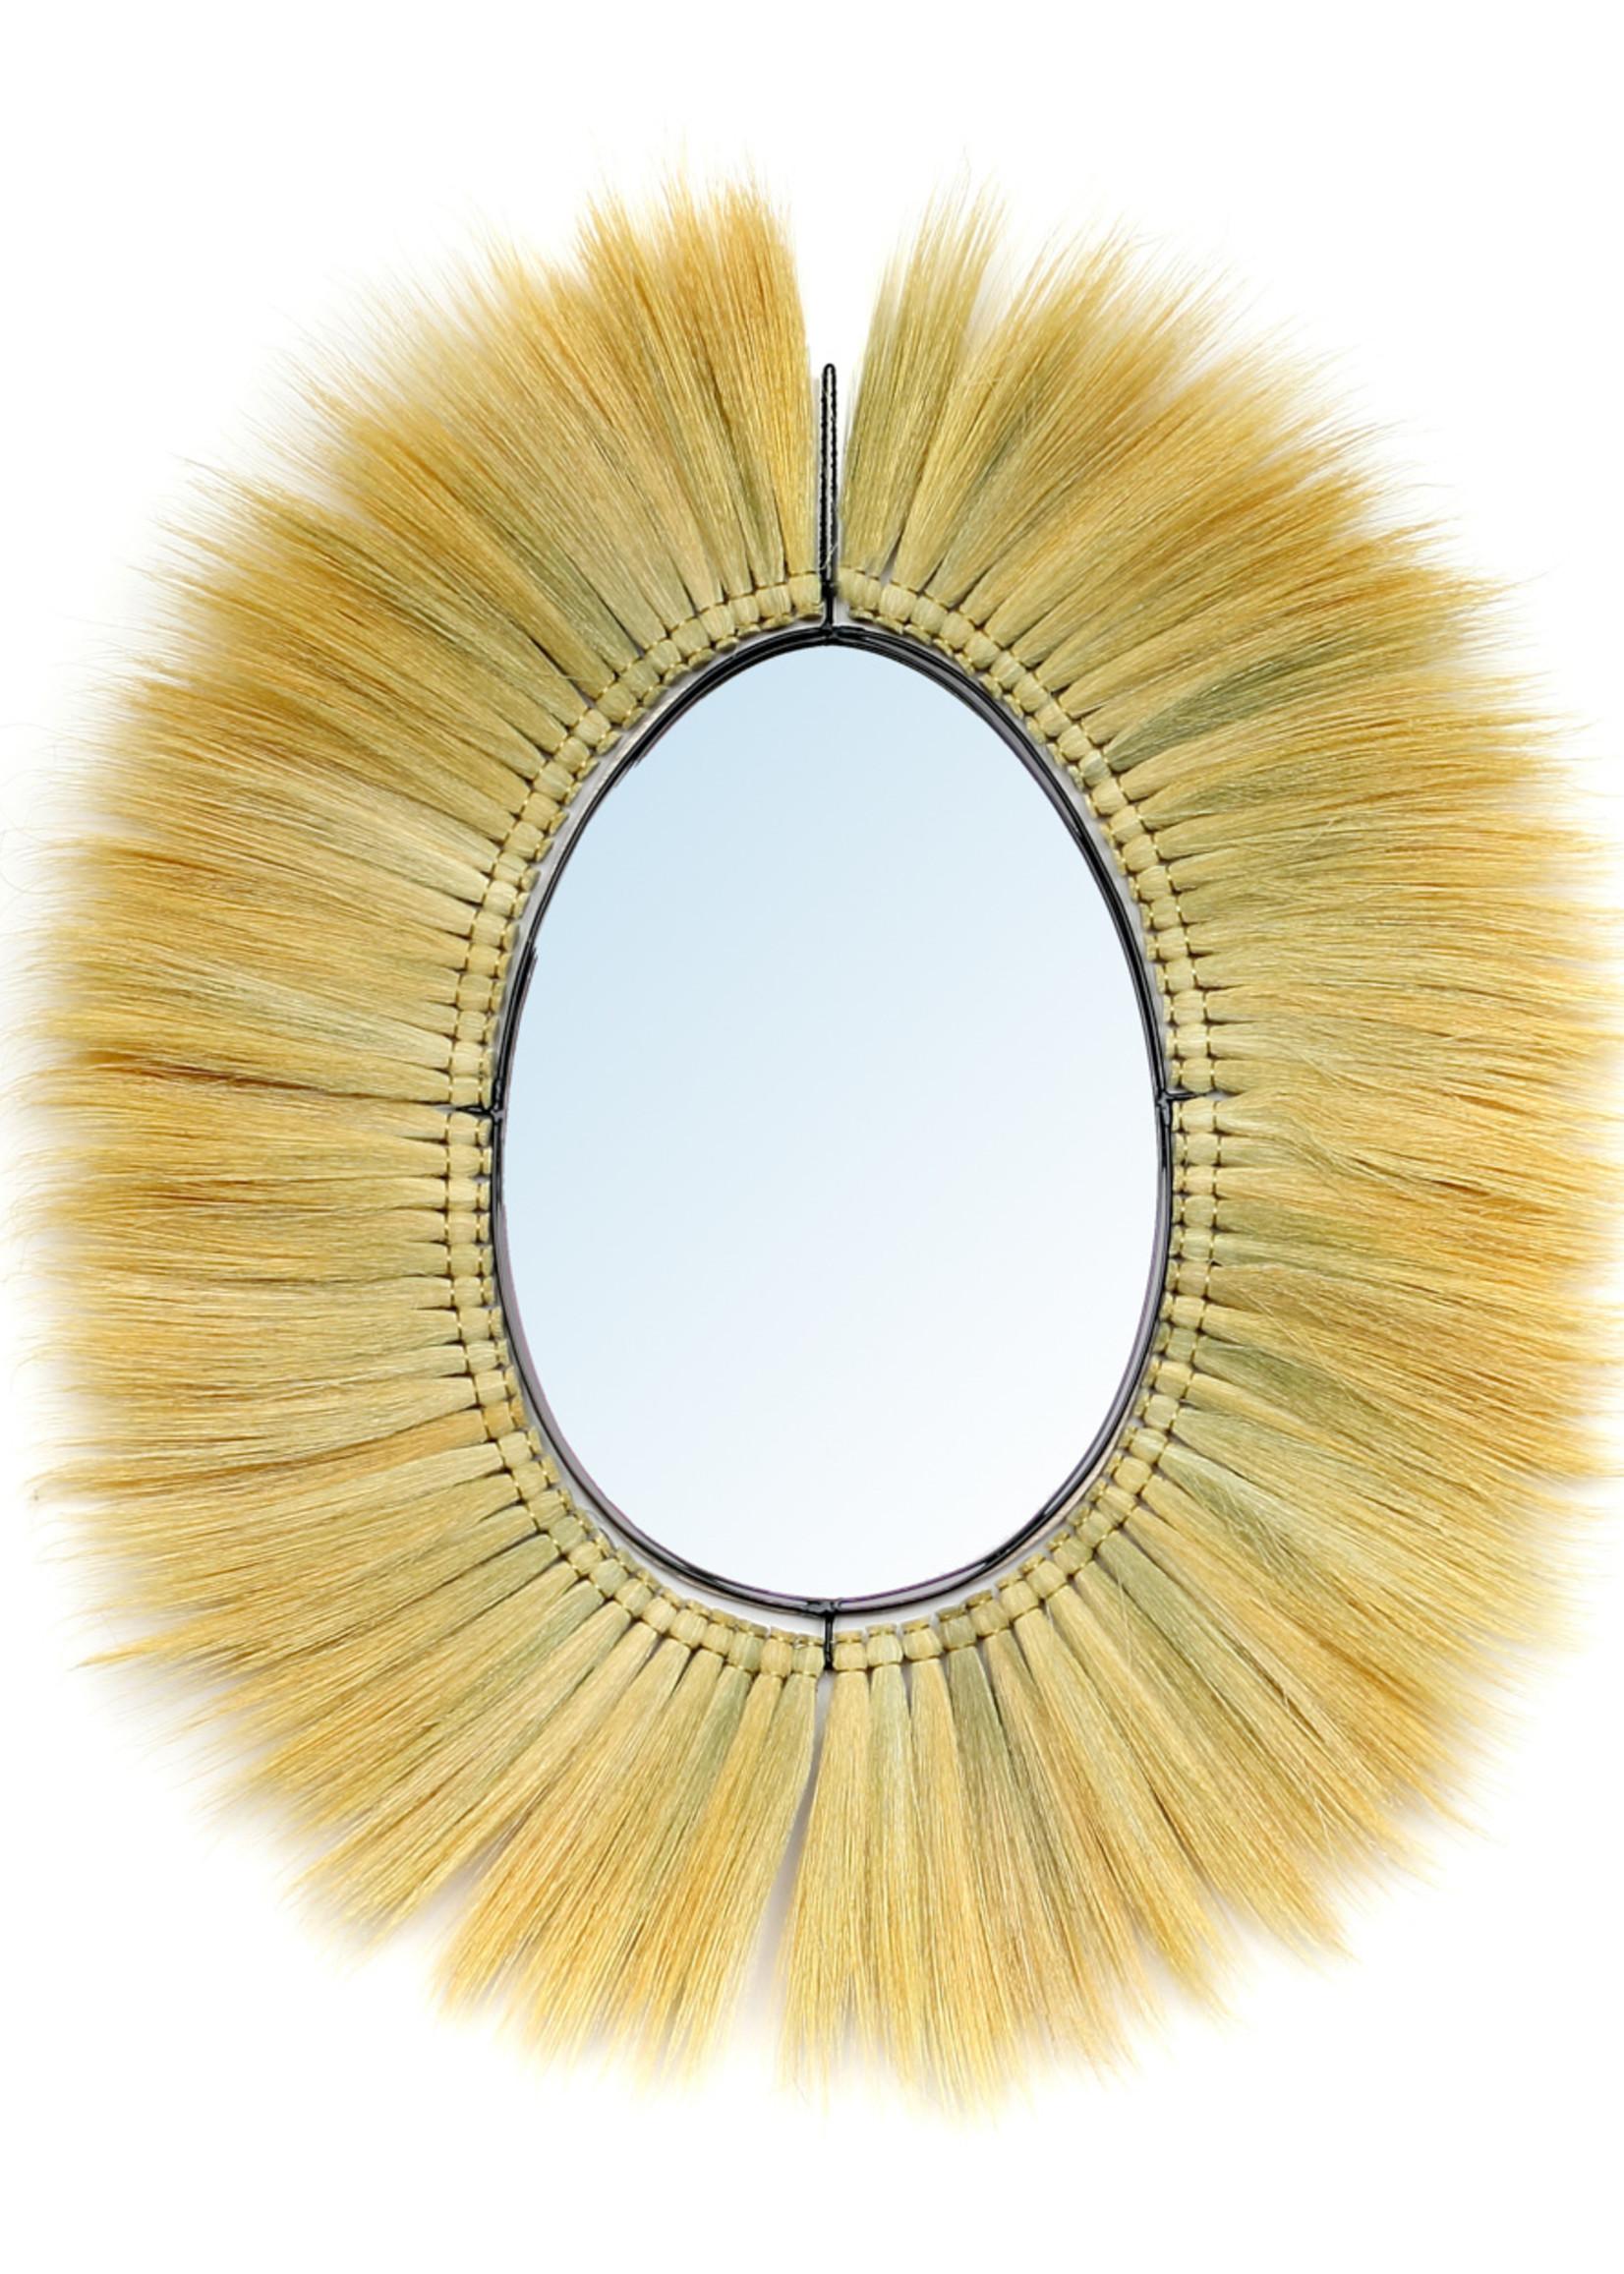 The Royal Mirror - Natural